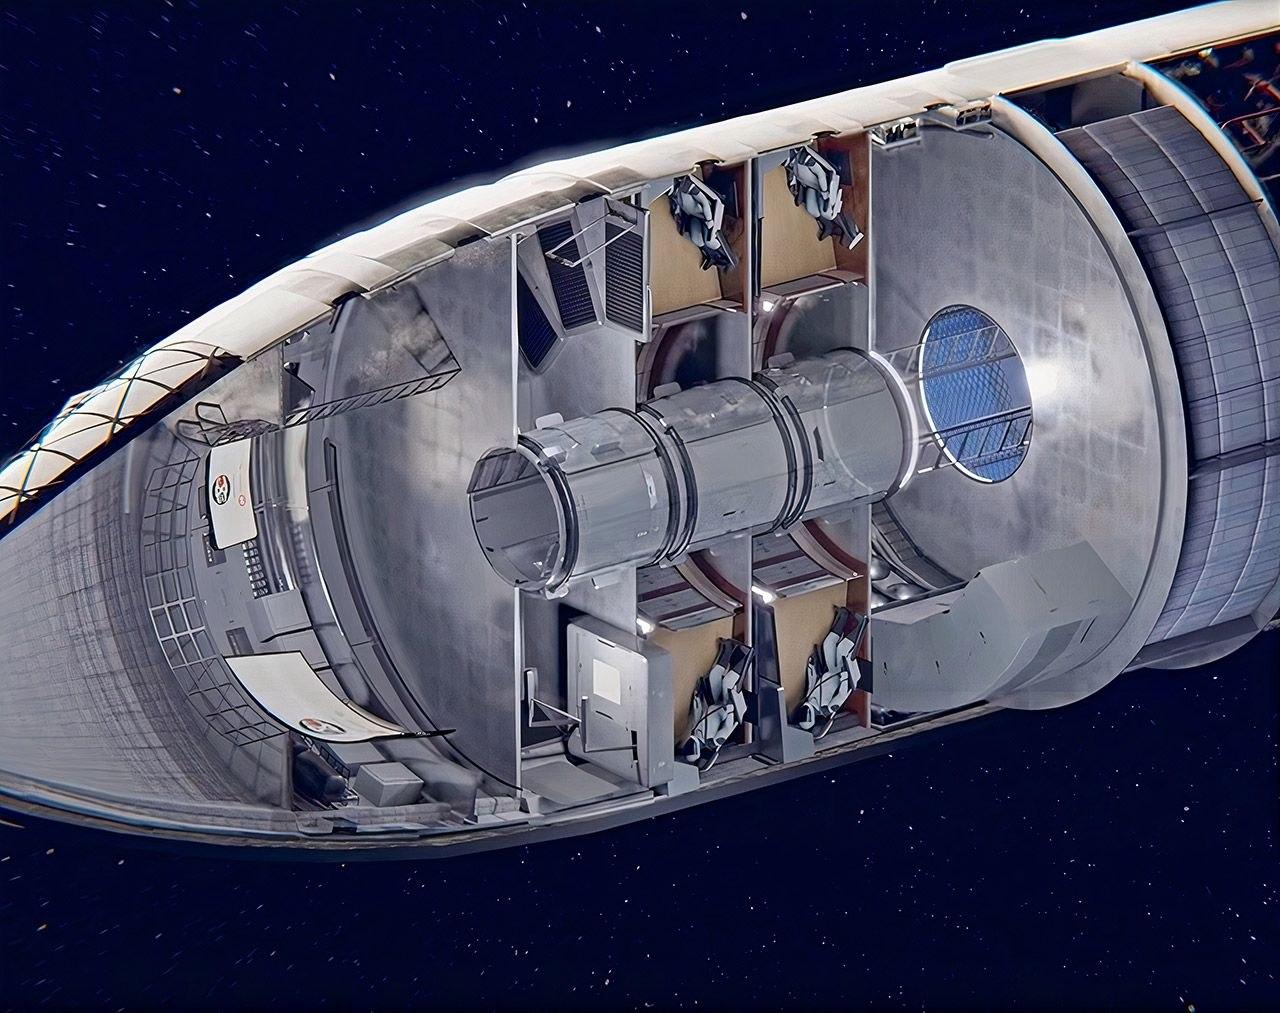 Концепция интерьера космического корабля Starship для полетов на Луну